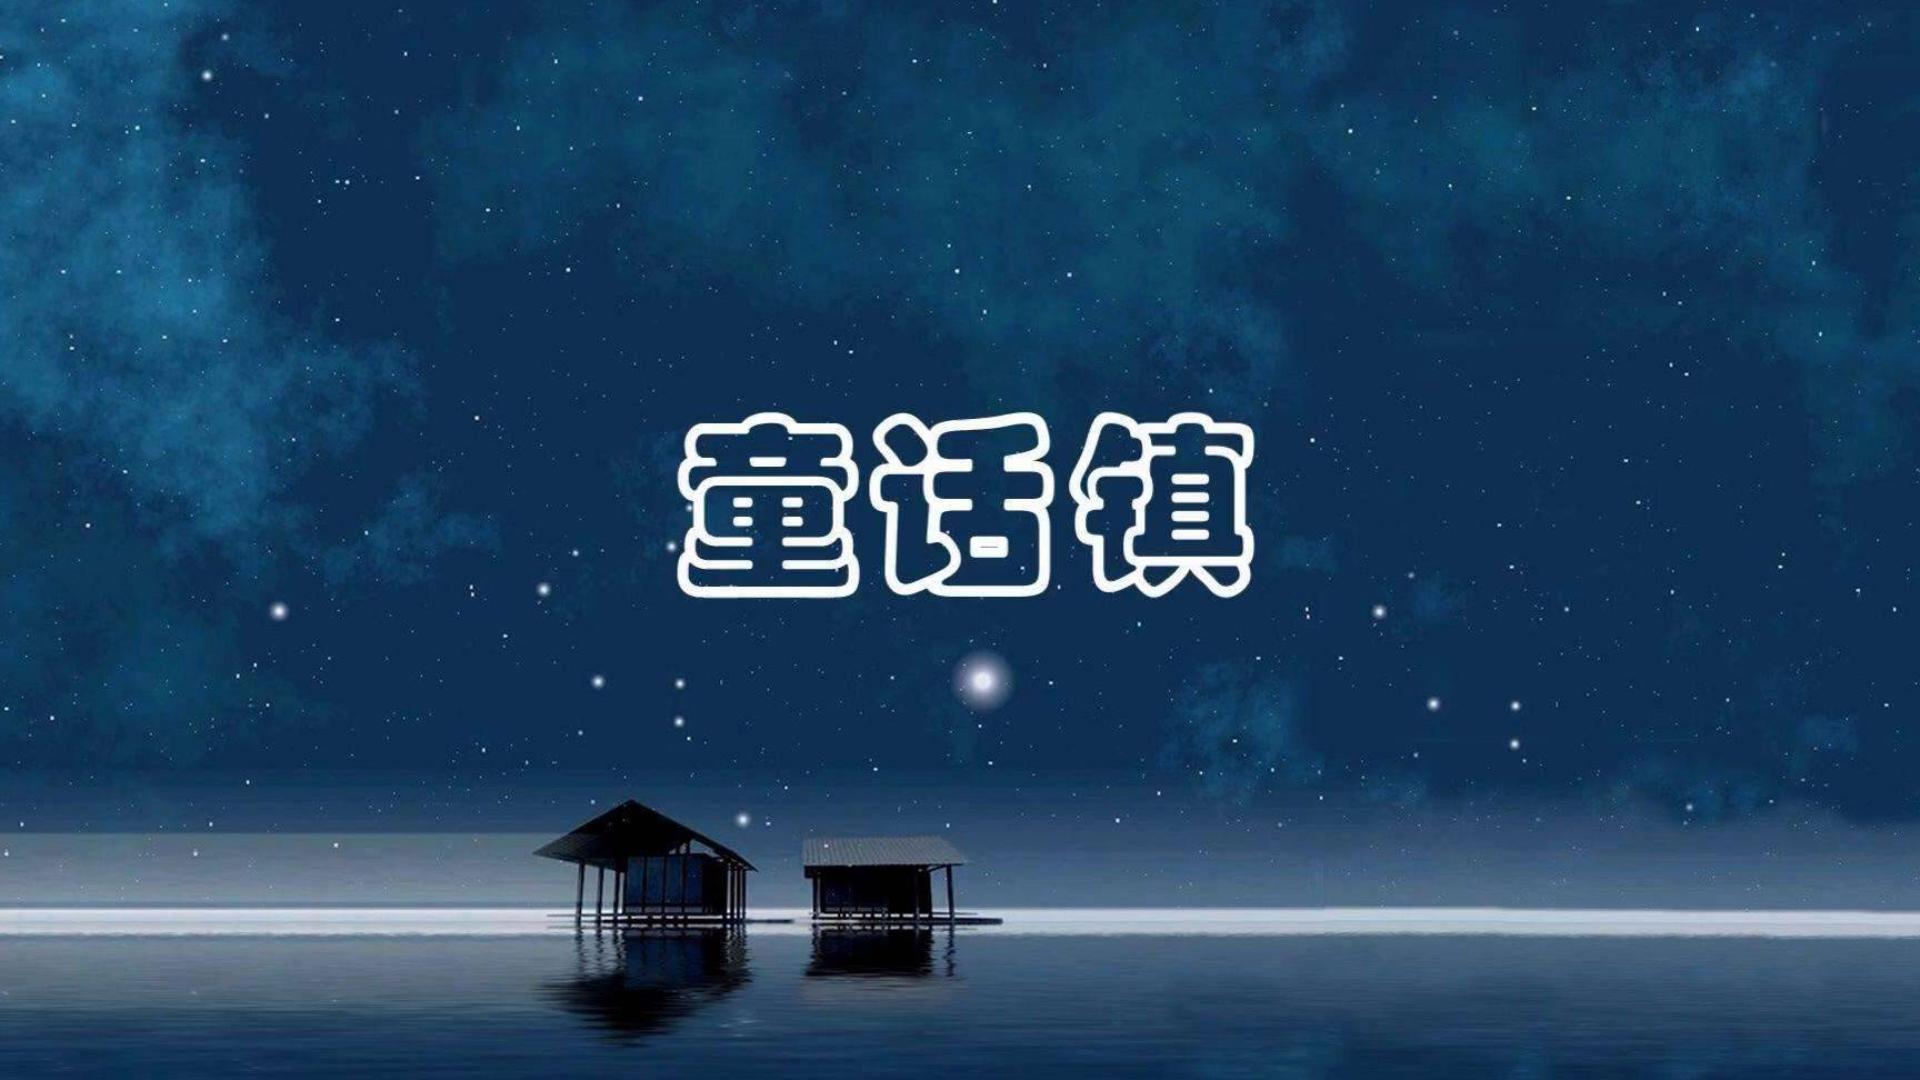 【口琴+键盘】童话镇